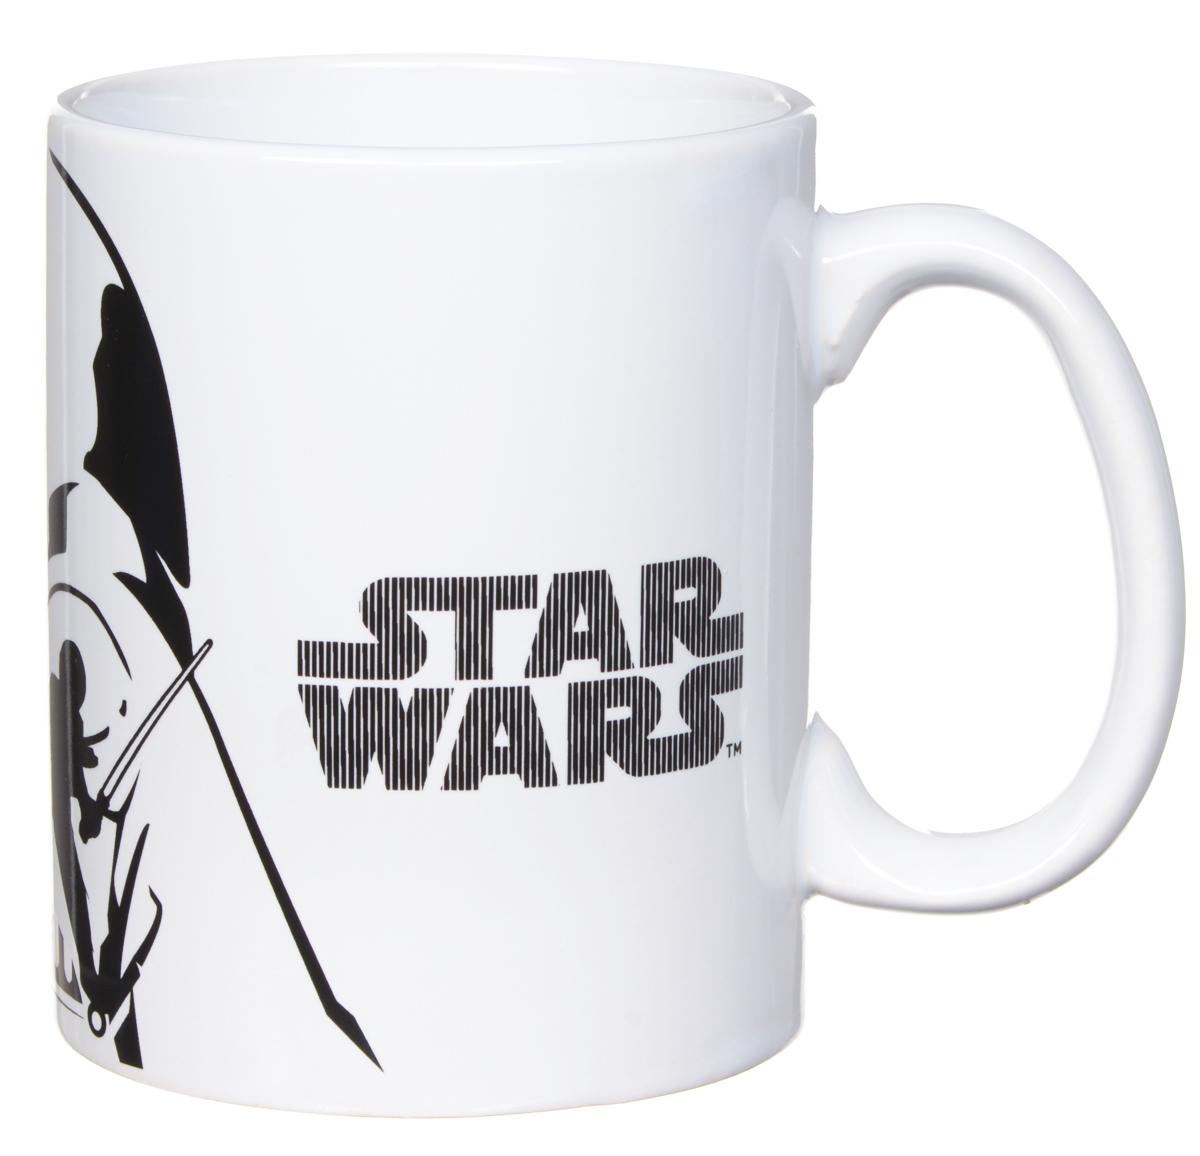 Star Wars Кружка детская Белое и черное 500 мл115510Детская кружка Star Wars Белое и черное станет отличным подарком для любого фаната знаменитой саги. Она выполнена из керамики и оформлена рисунком со стилизованным изображением Дарта Вейдера. Большая ручка обеспечит удобство использования.Объем кружки: 500 мл.Подходит для использования в посудомоечной машине и СВЧ-печи.